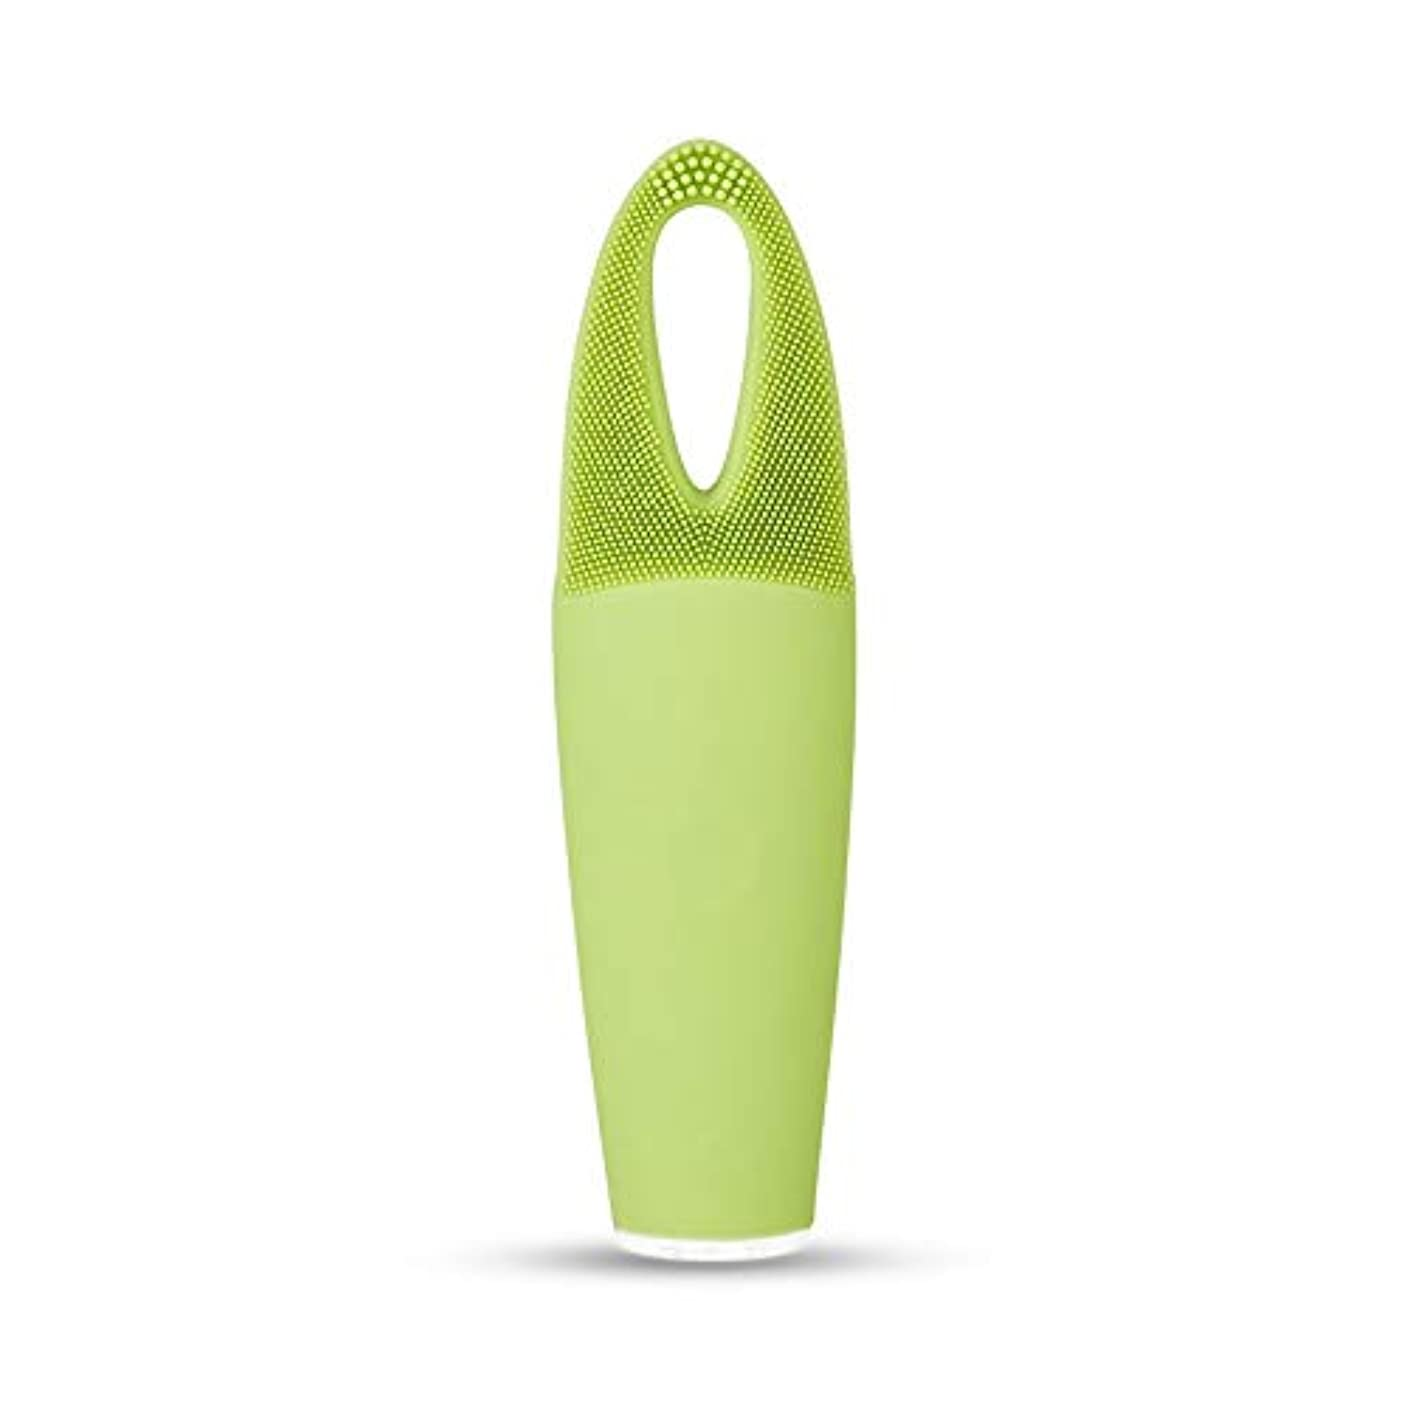 建物恵みすきZXF 電気防水両面クレンジングブラシ超音波振動シリコーンクレンジング楽器敏感な筋肉洗浄器具美容器具マッサージ器具 滑らかである